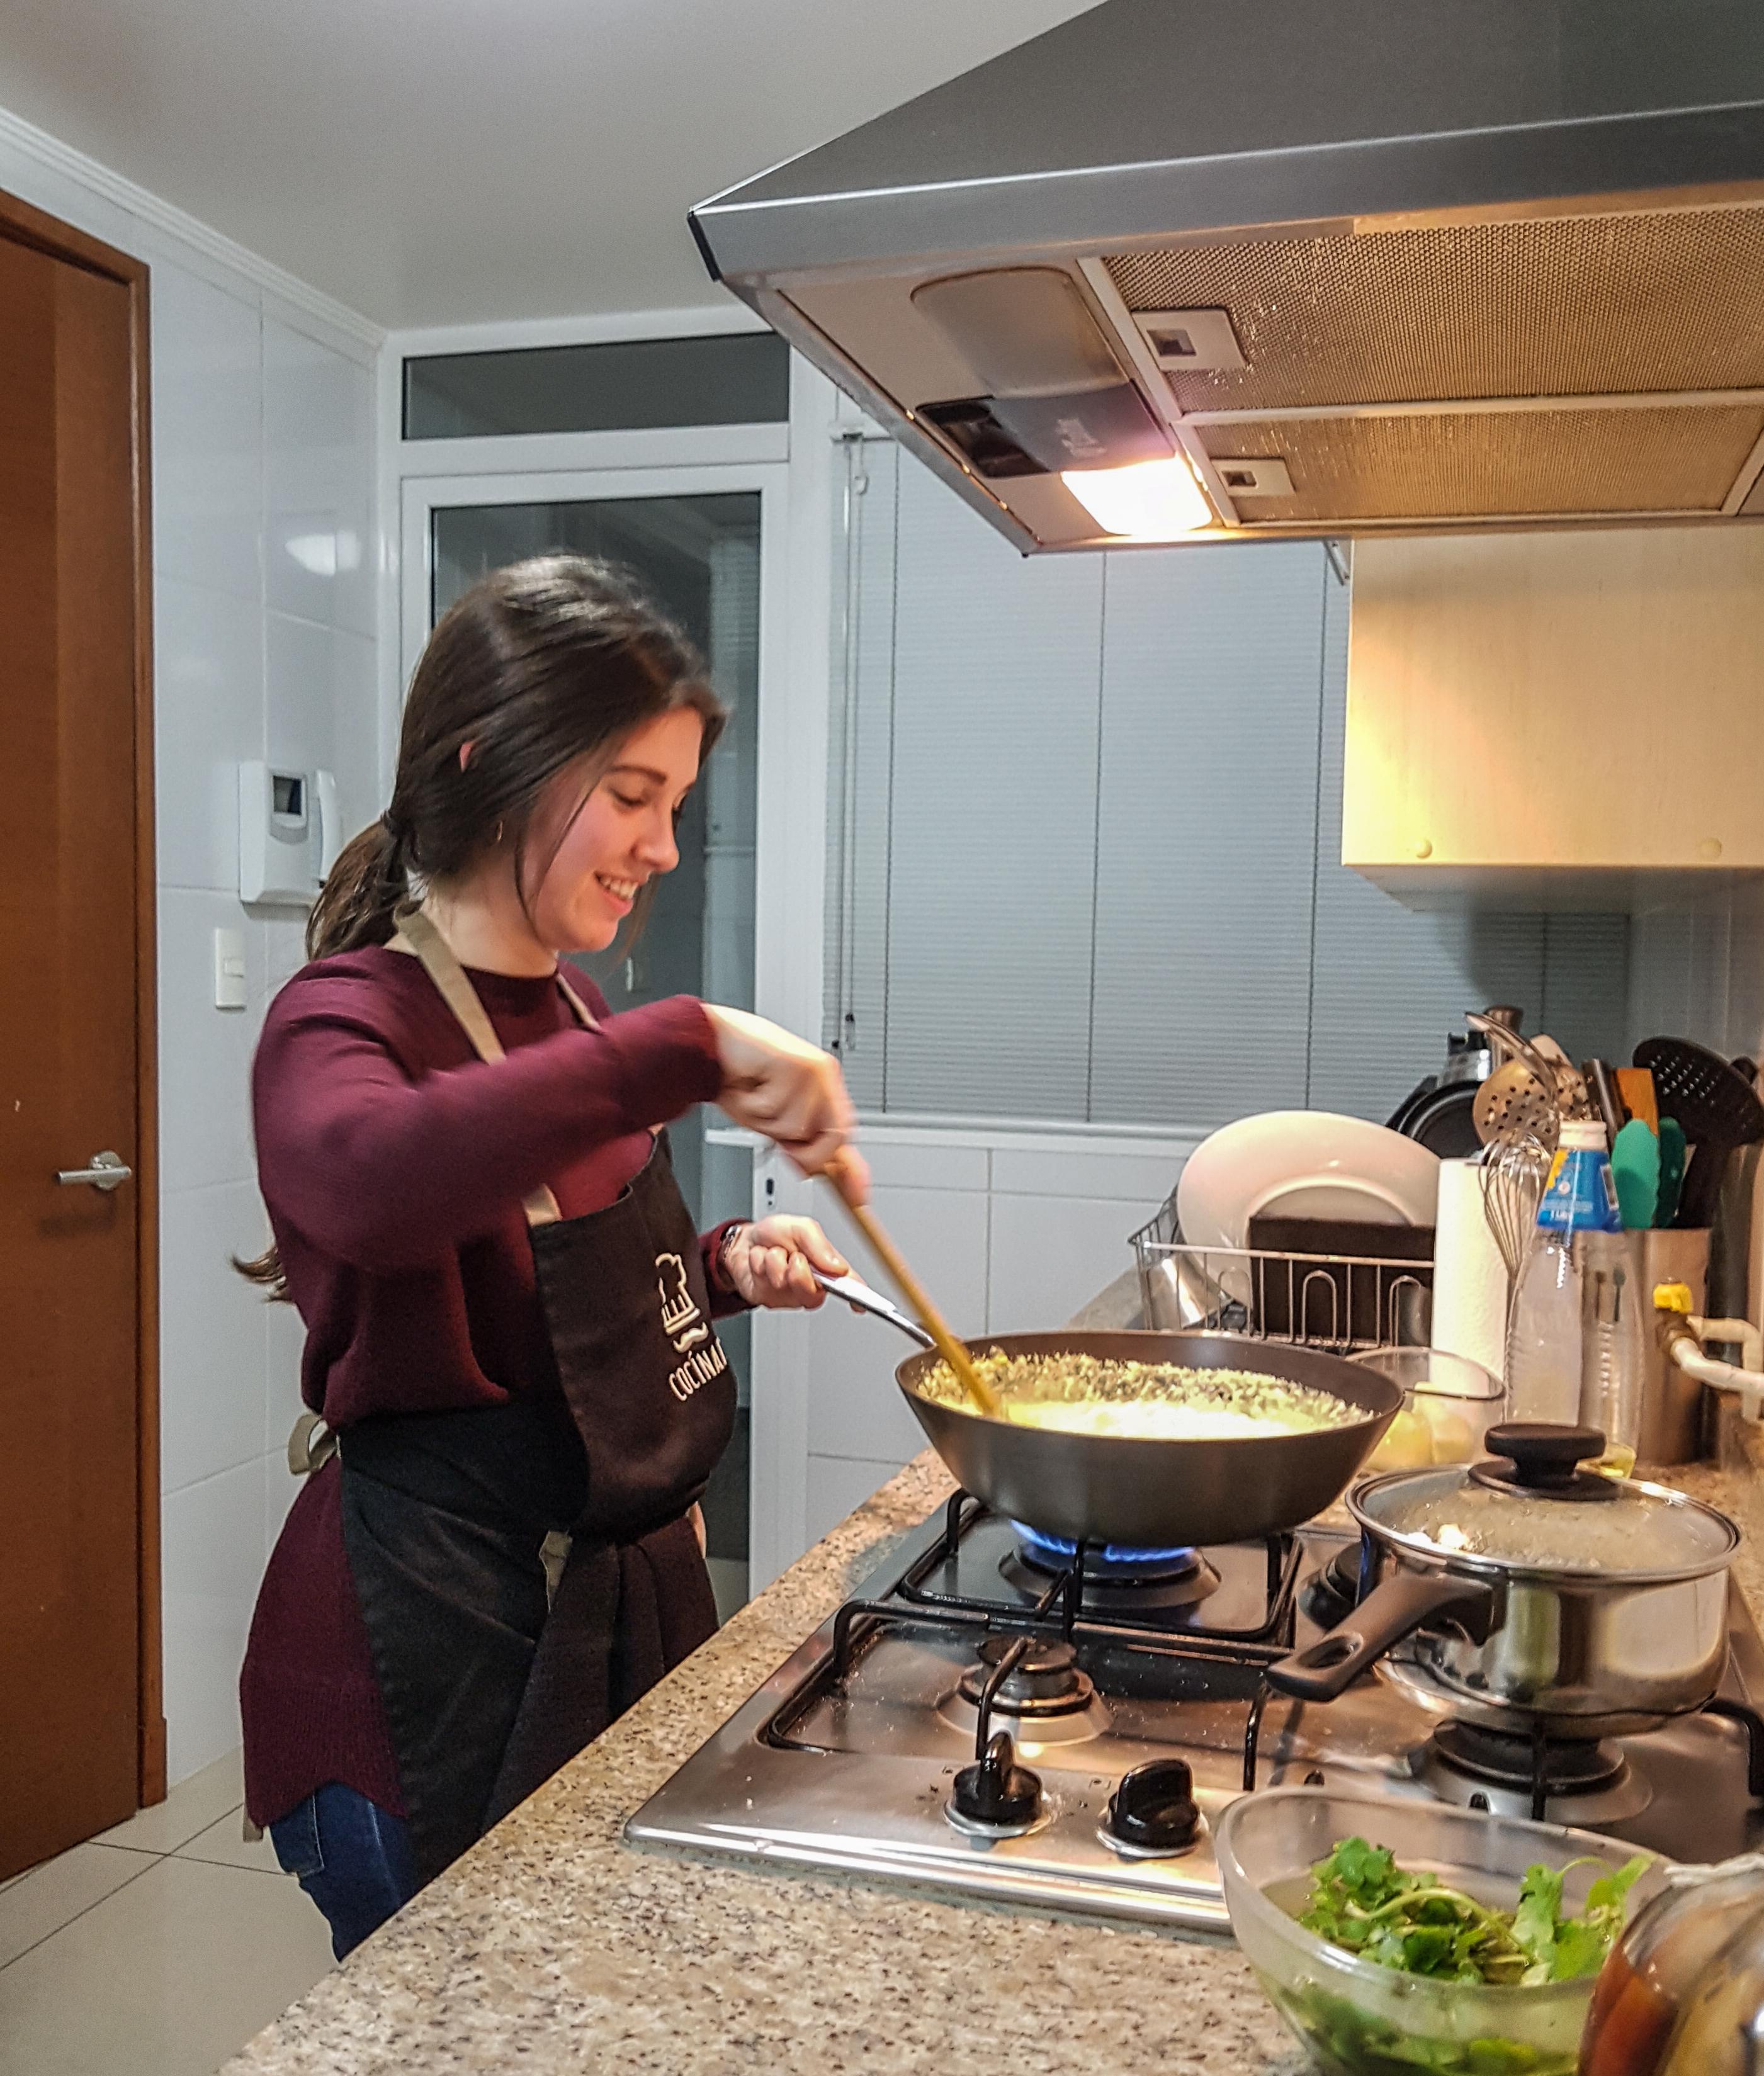 taller de cocina cocinate